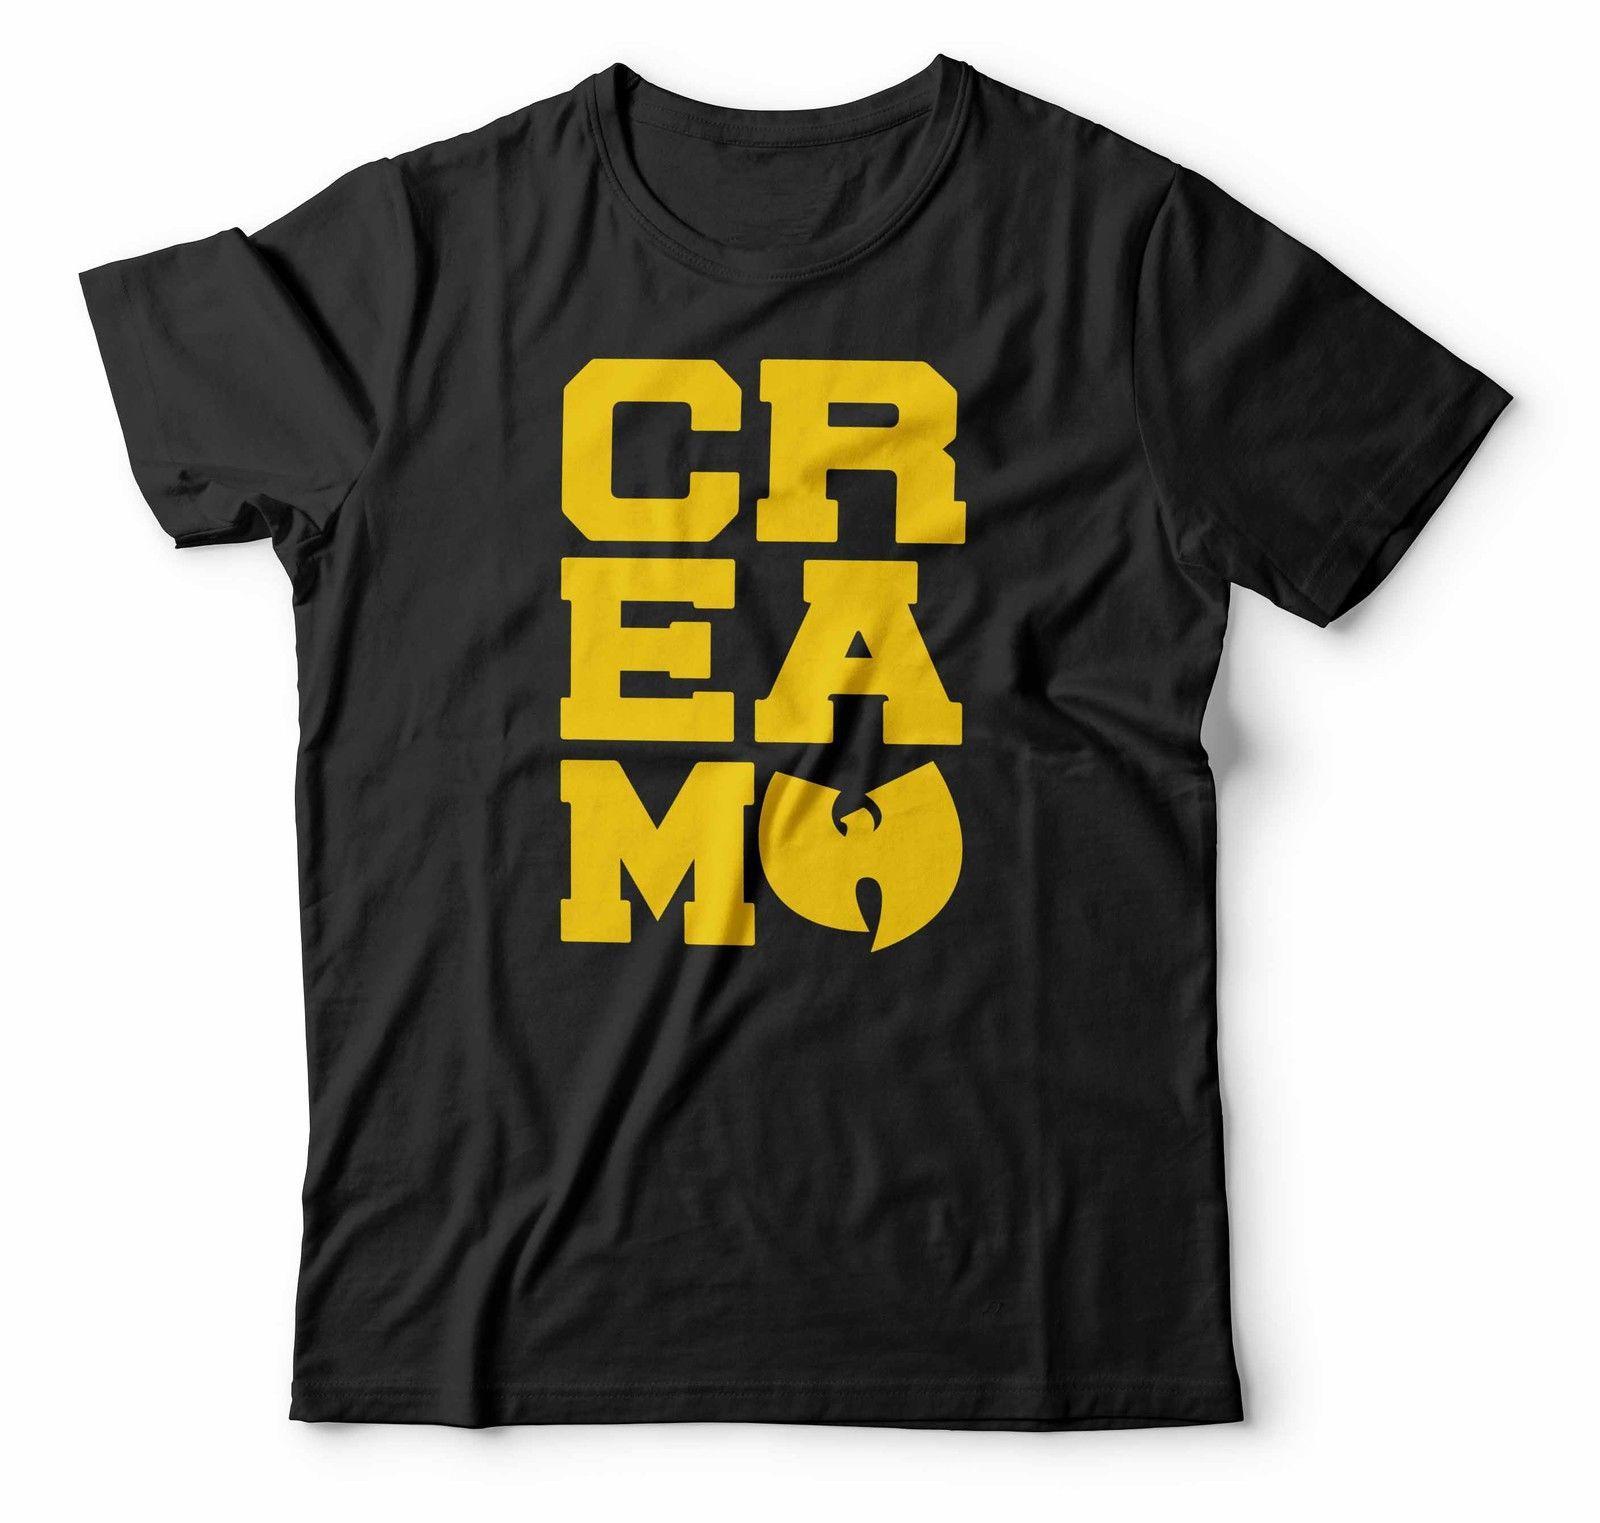 d7e5c3d34bcc1 Compre Wu Tang Clan Camiseta RZA GZA ODB Método Rap Tee CREMA Reglas De  Efectivo Hombres Hip Hop O Cuello Moda Impreso Para Hombre Camiseta De  Algodón A ...